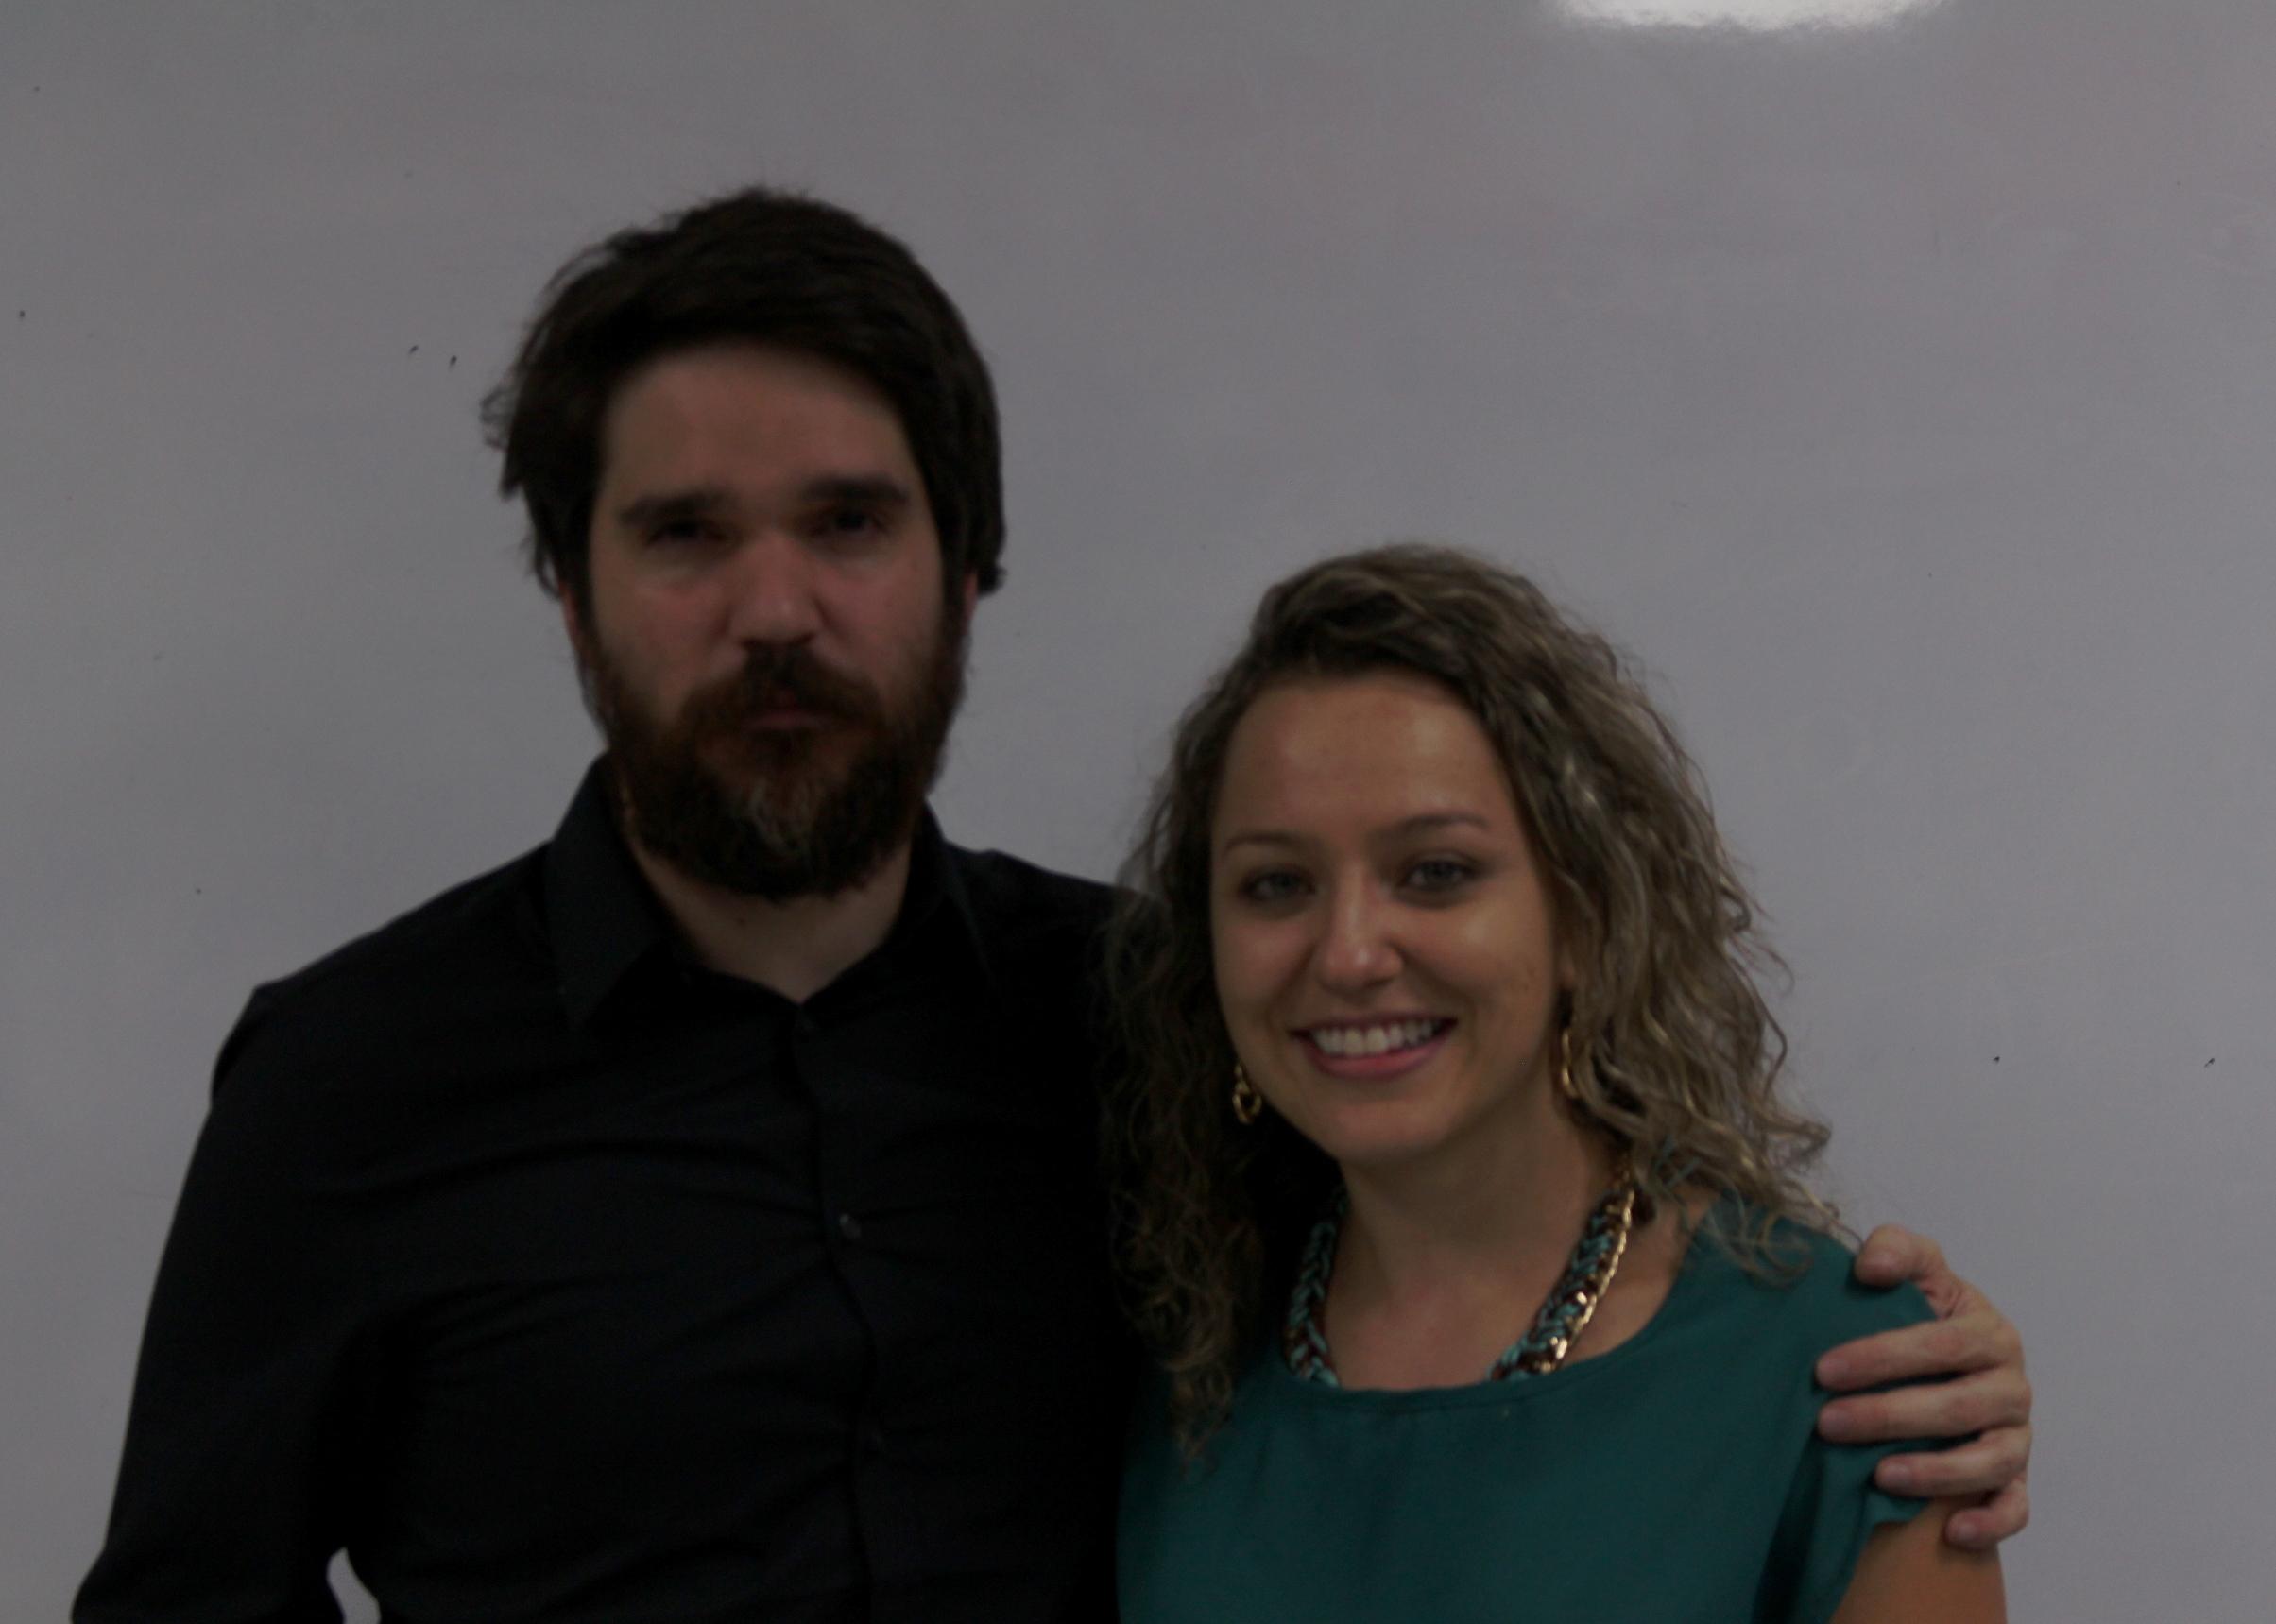 Diego Delfino y Natalia Rodríguez fueron las personas emprendedoras en periodismo nacionales que asistieron al conversatorio en la ECCC de la UCR. Walter Quesada Montero/ECCC.